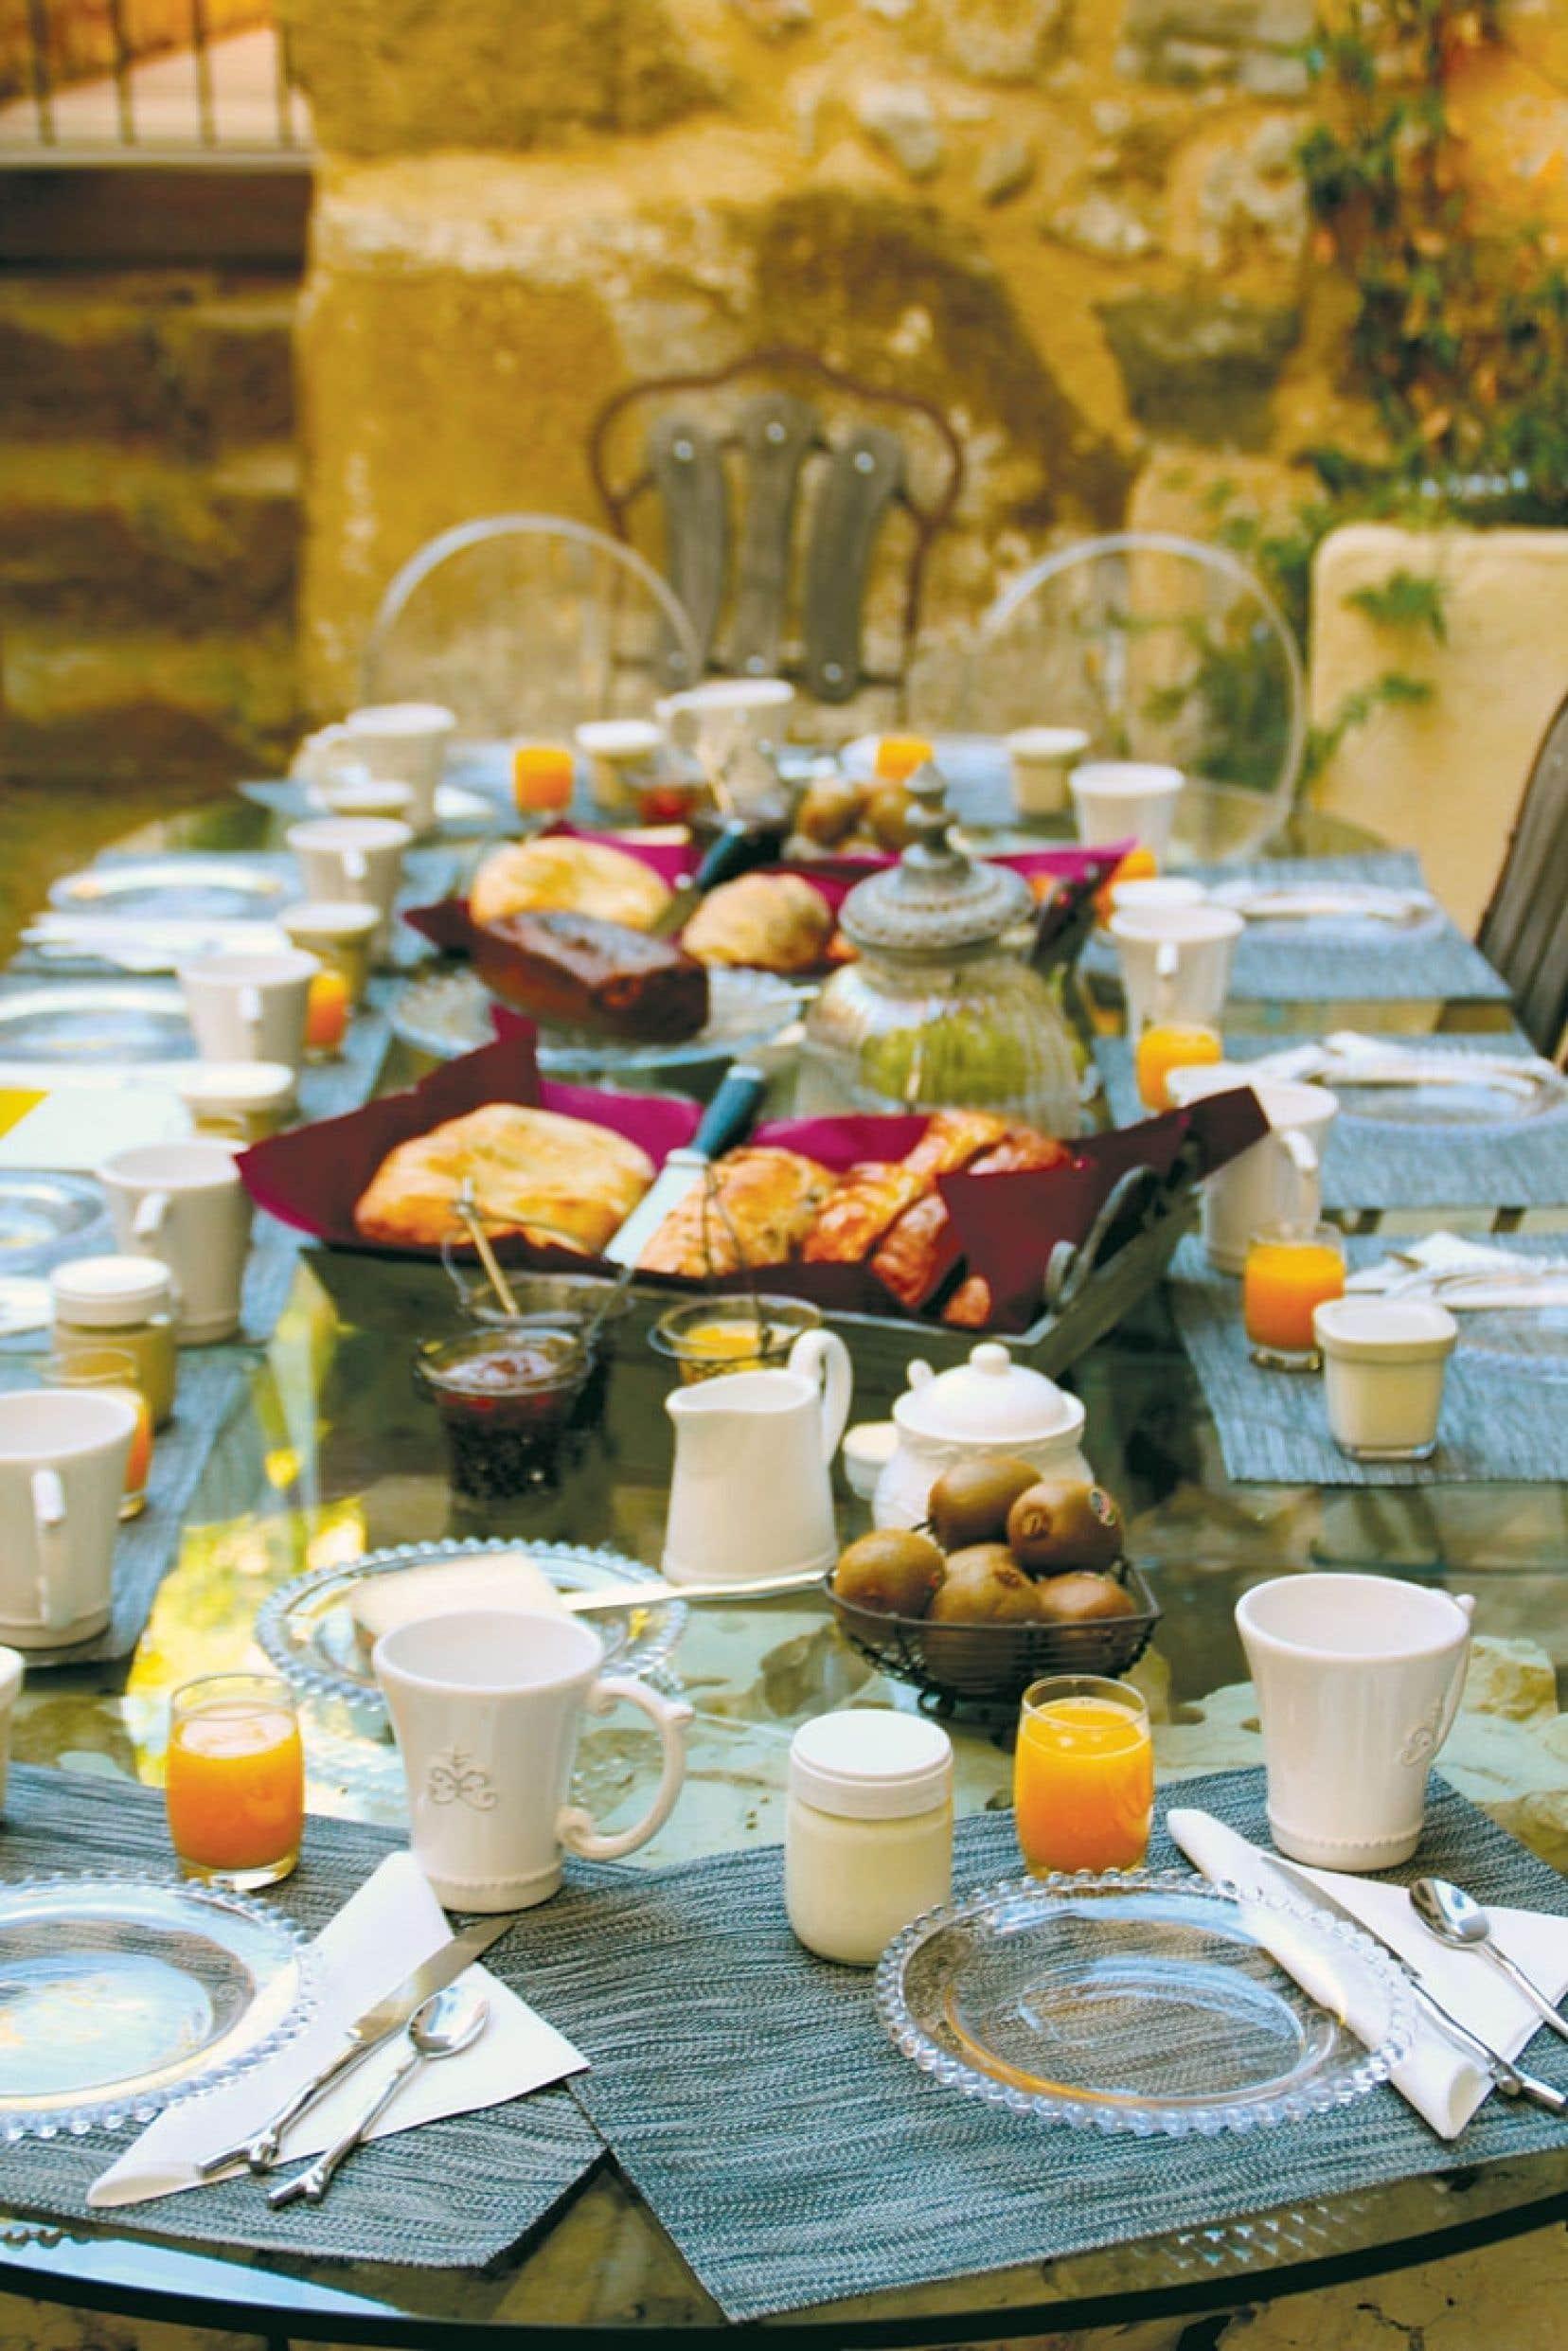 Le repas est servi à la maison d'hôtes Les Remparts, située dans une commune mondialement connue pour son muscat et labellisée « Site remarquable du goût ».